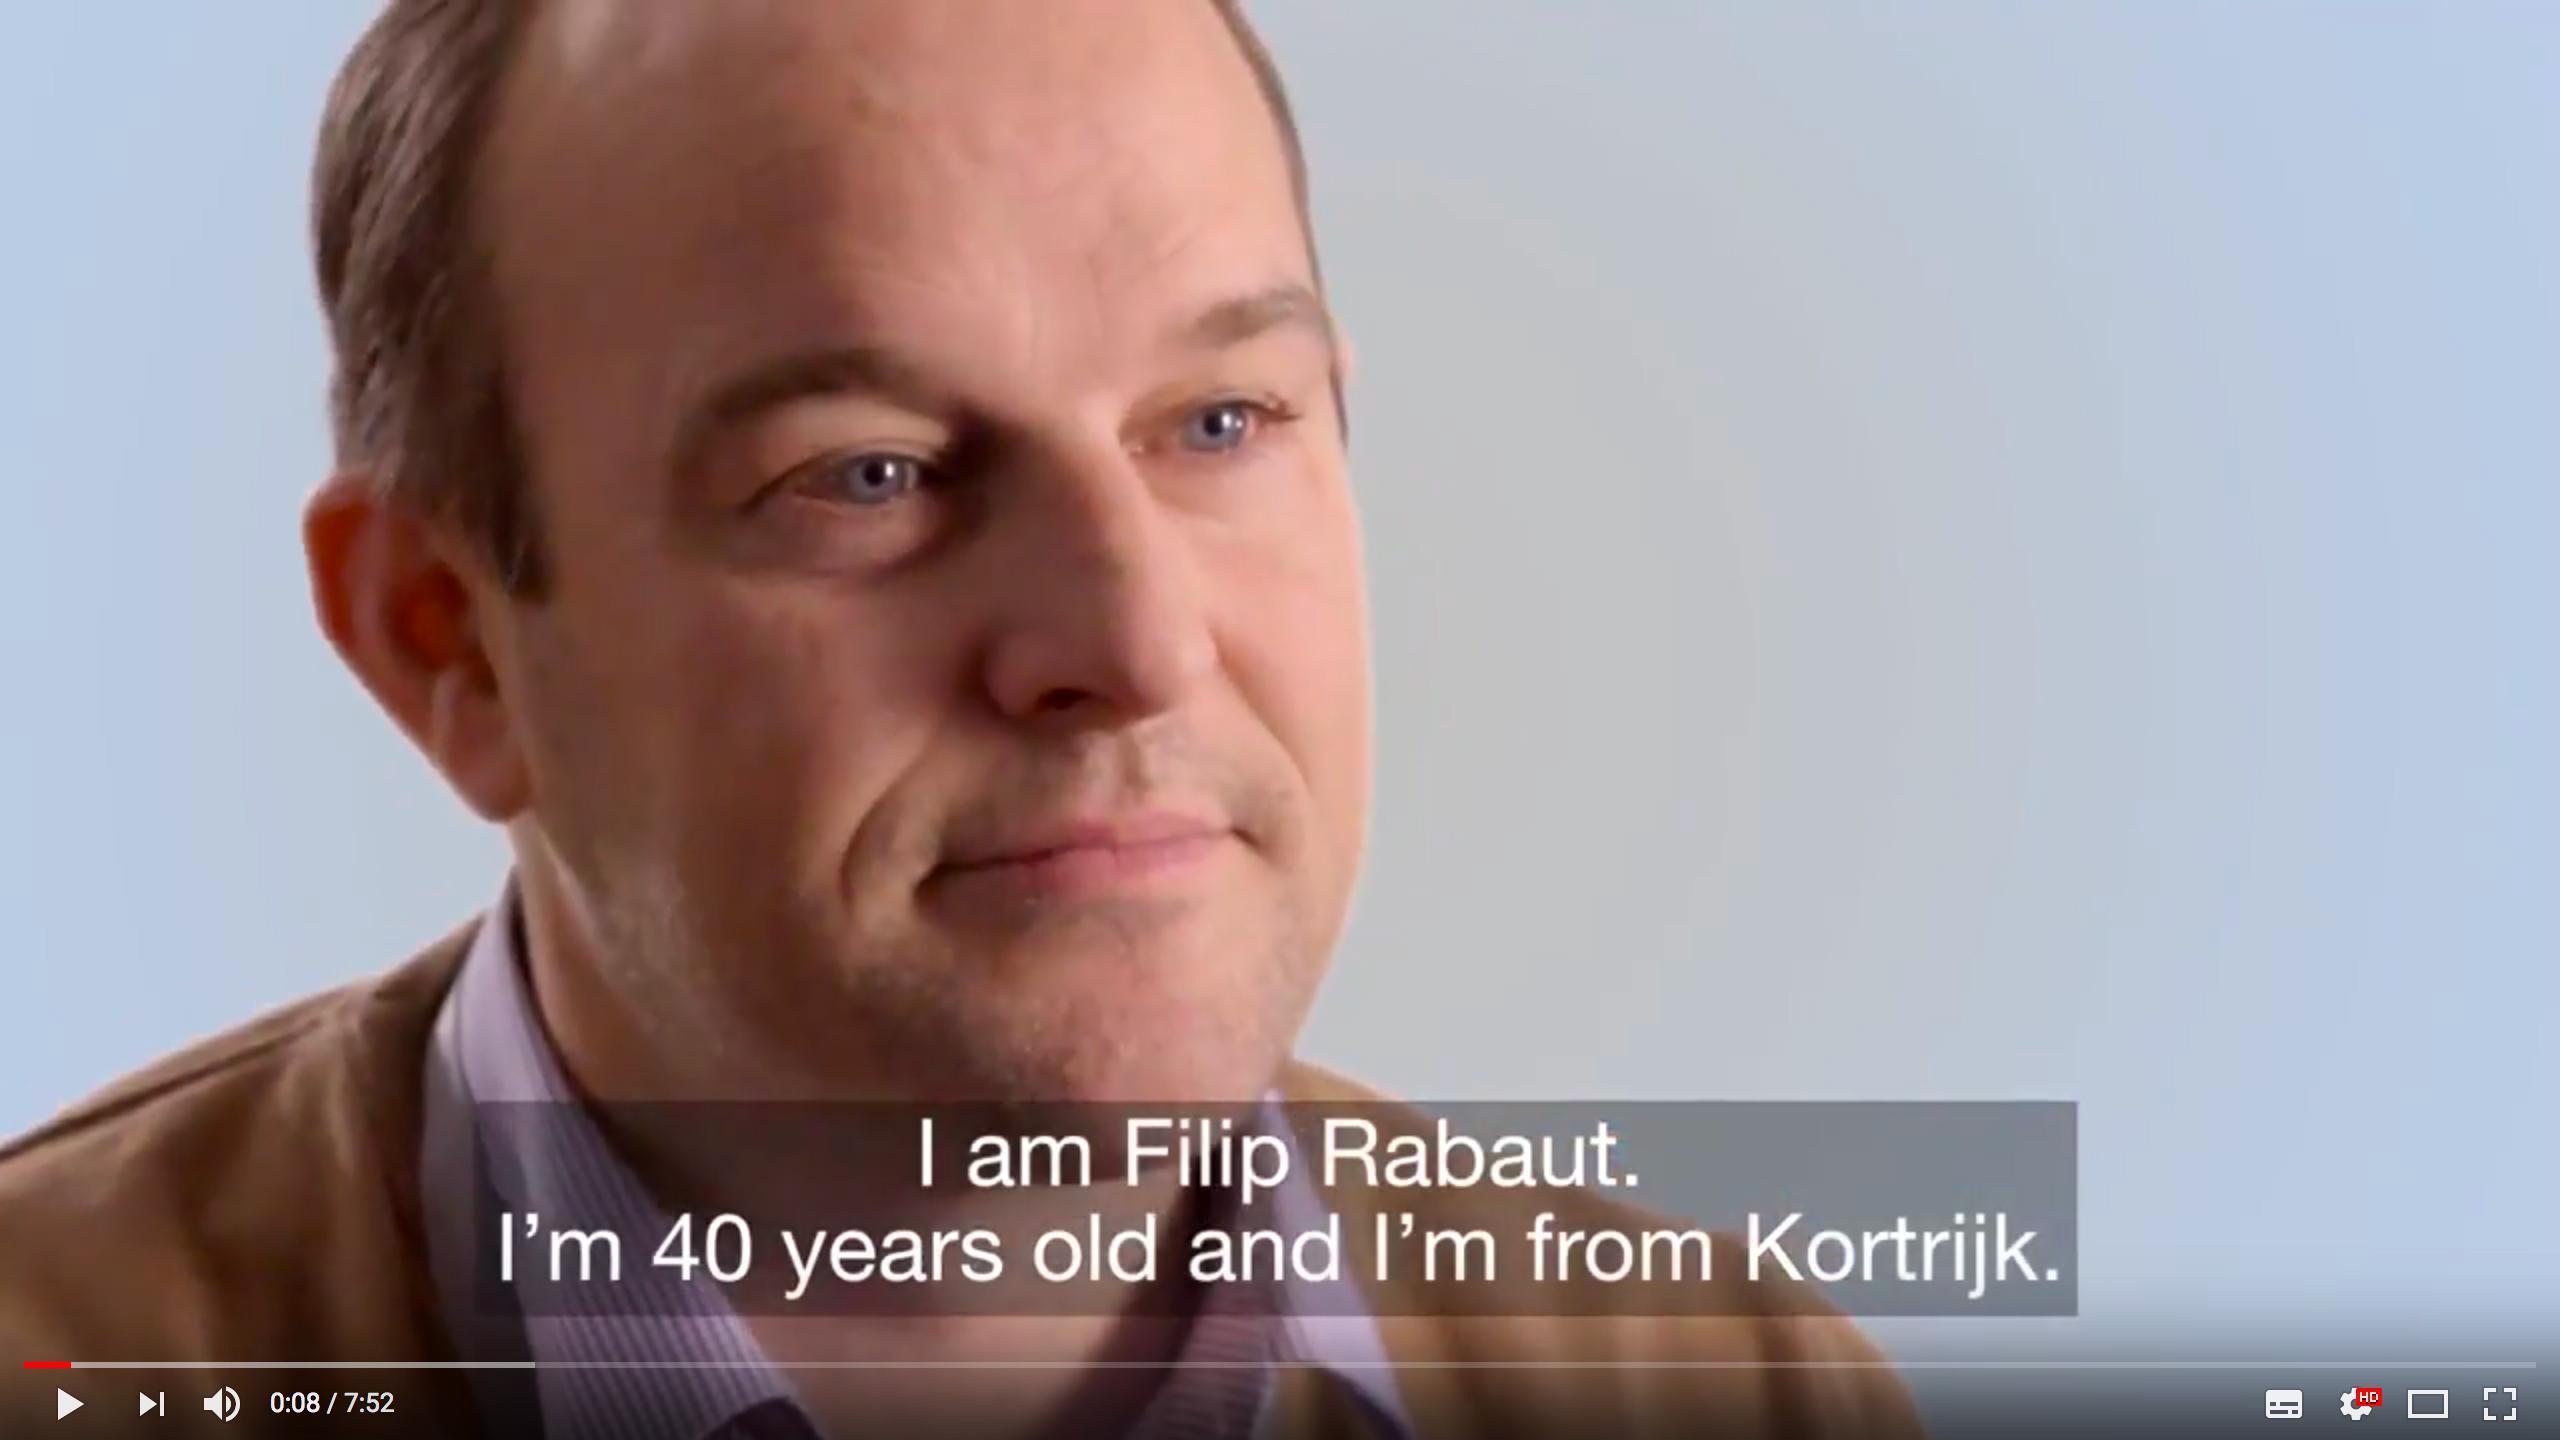 Het-verhaal-van-Filip-Rabaut_CIDP-patient Home